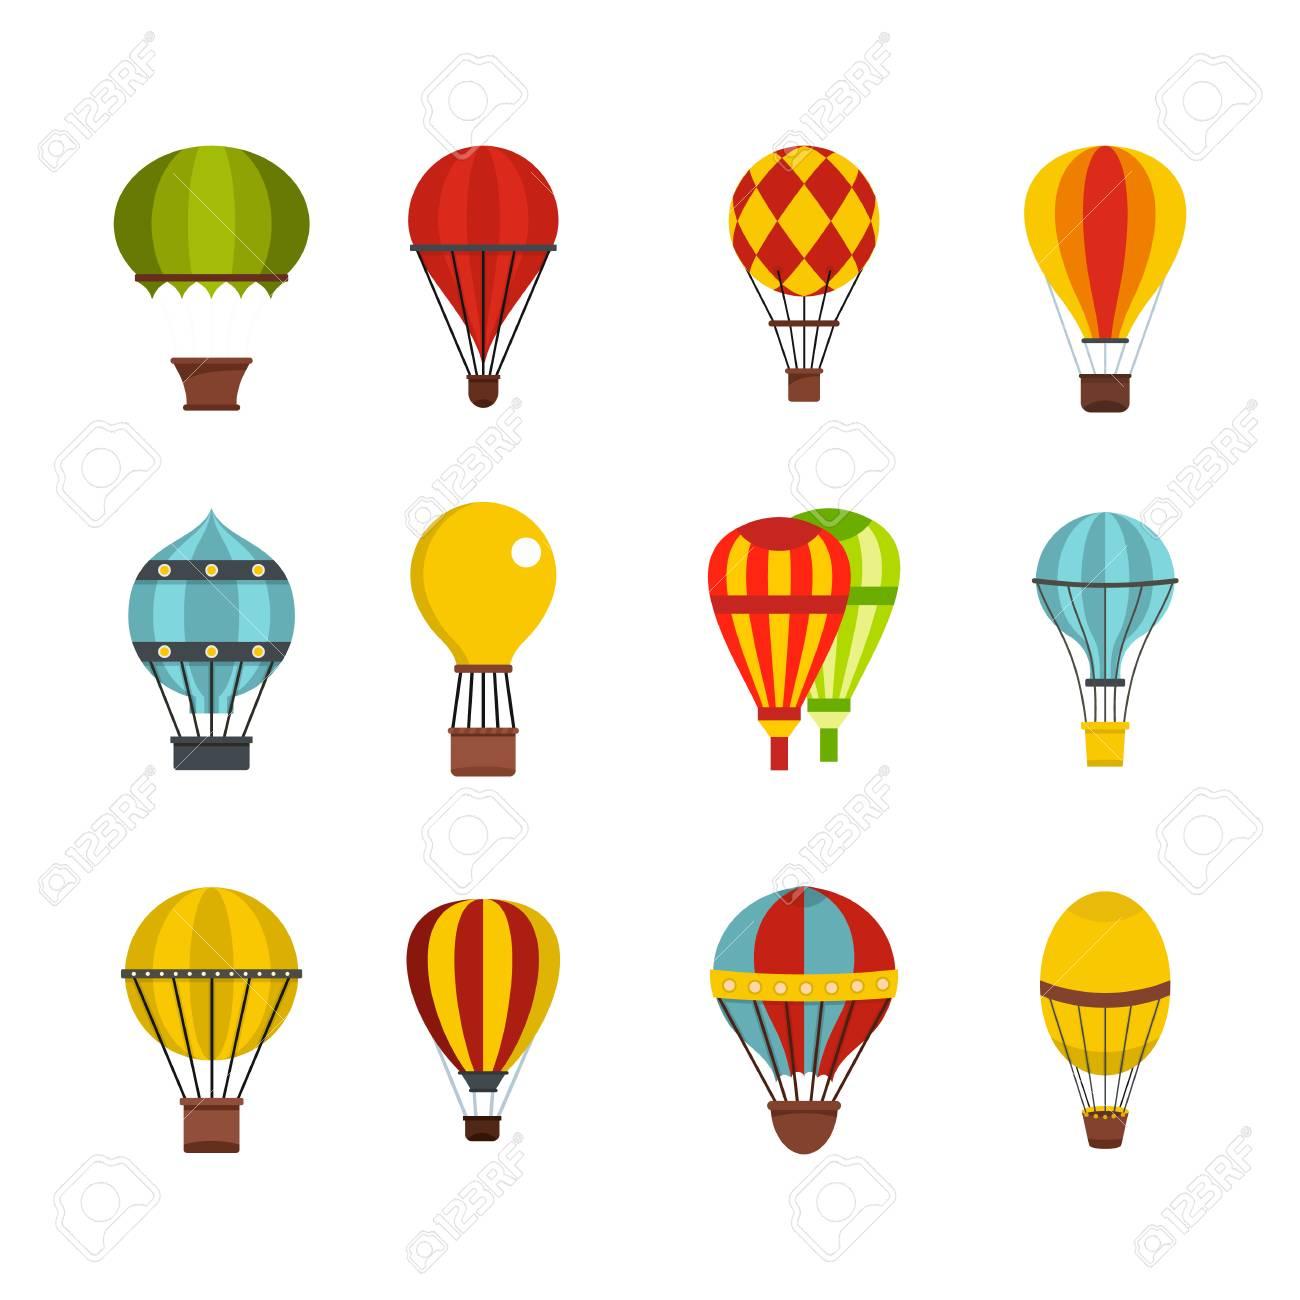 Air balloon icon set, flat style illustration. - 93965048